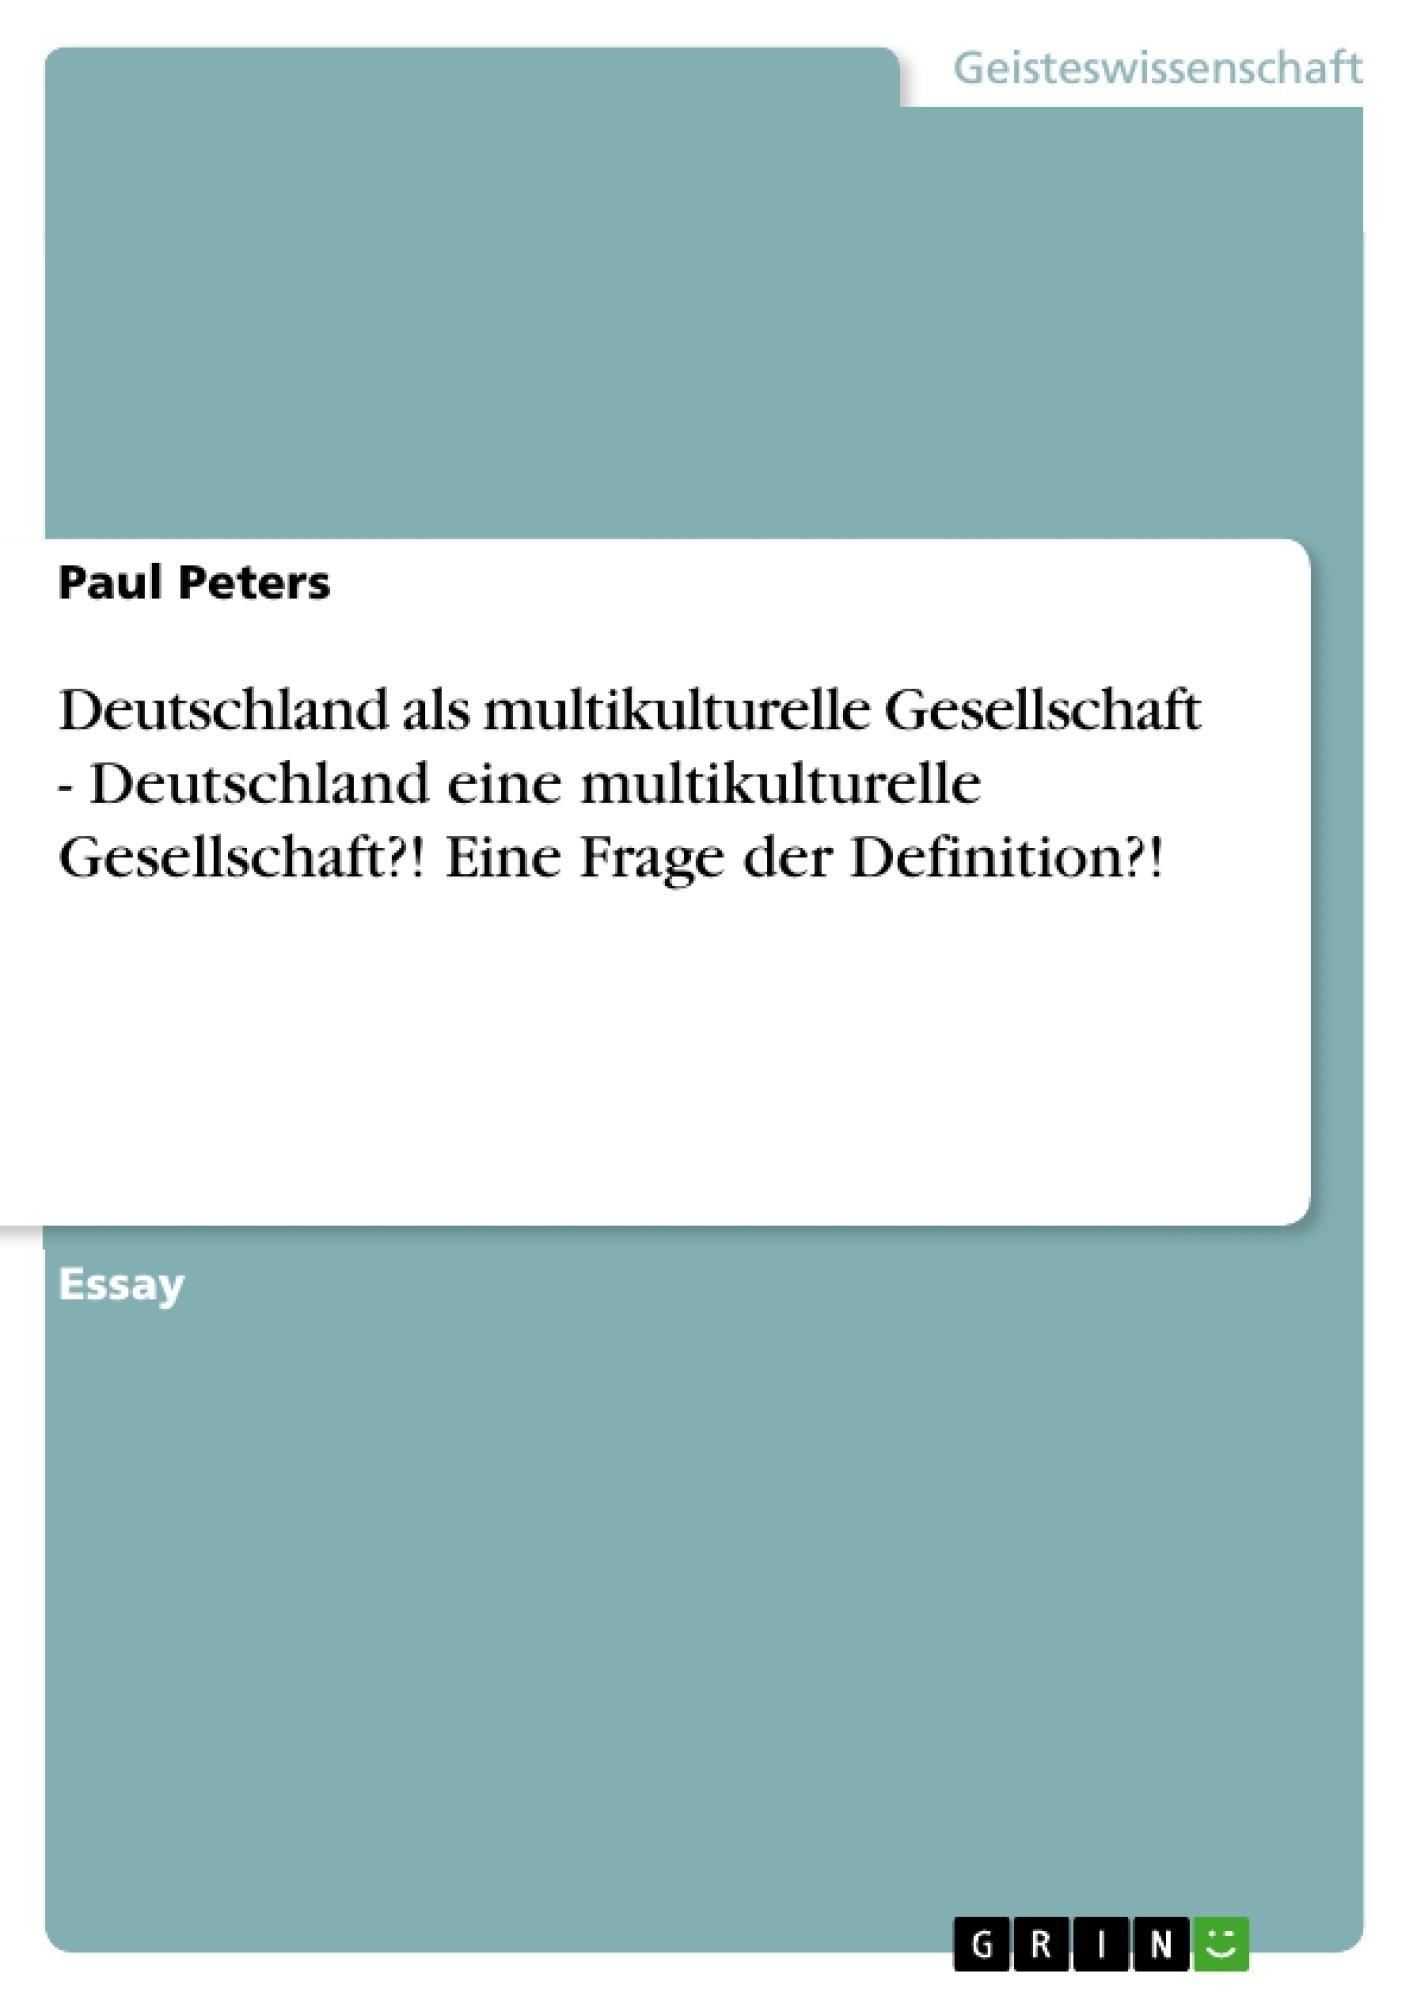 Titel: Deutschland als multikulturelle Gesellschaft - Deutschland eine multikulturelle Gesellschaft?! Eine Frage der Definition?!